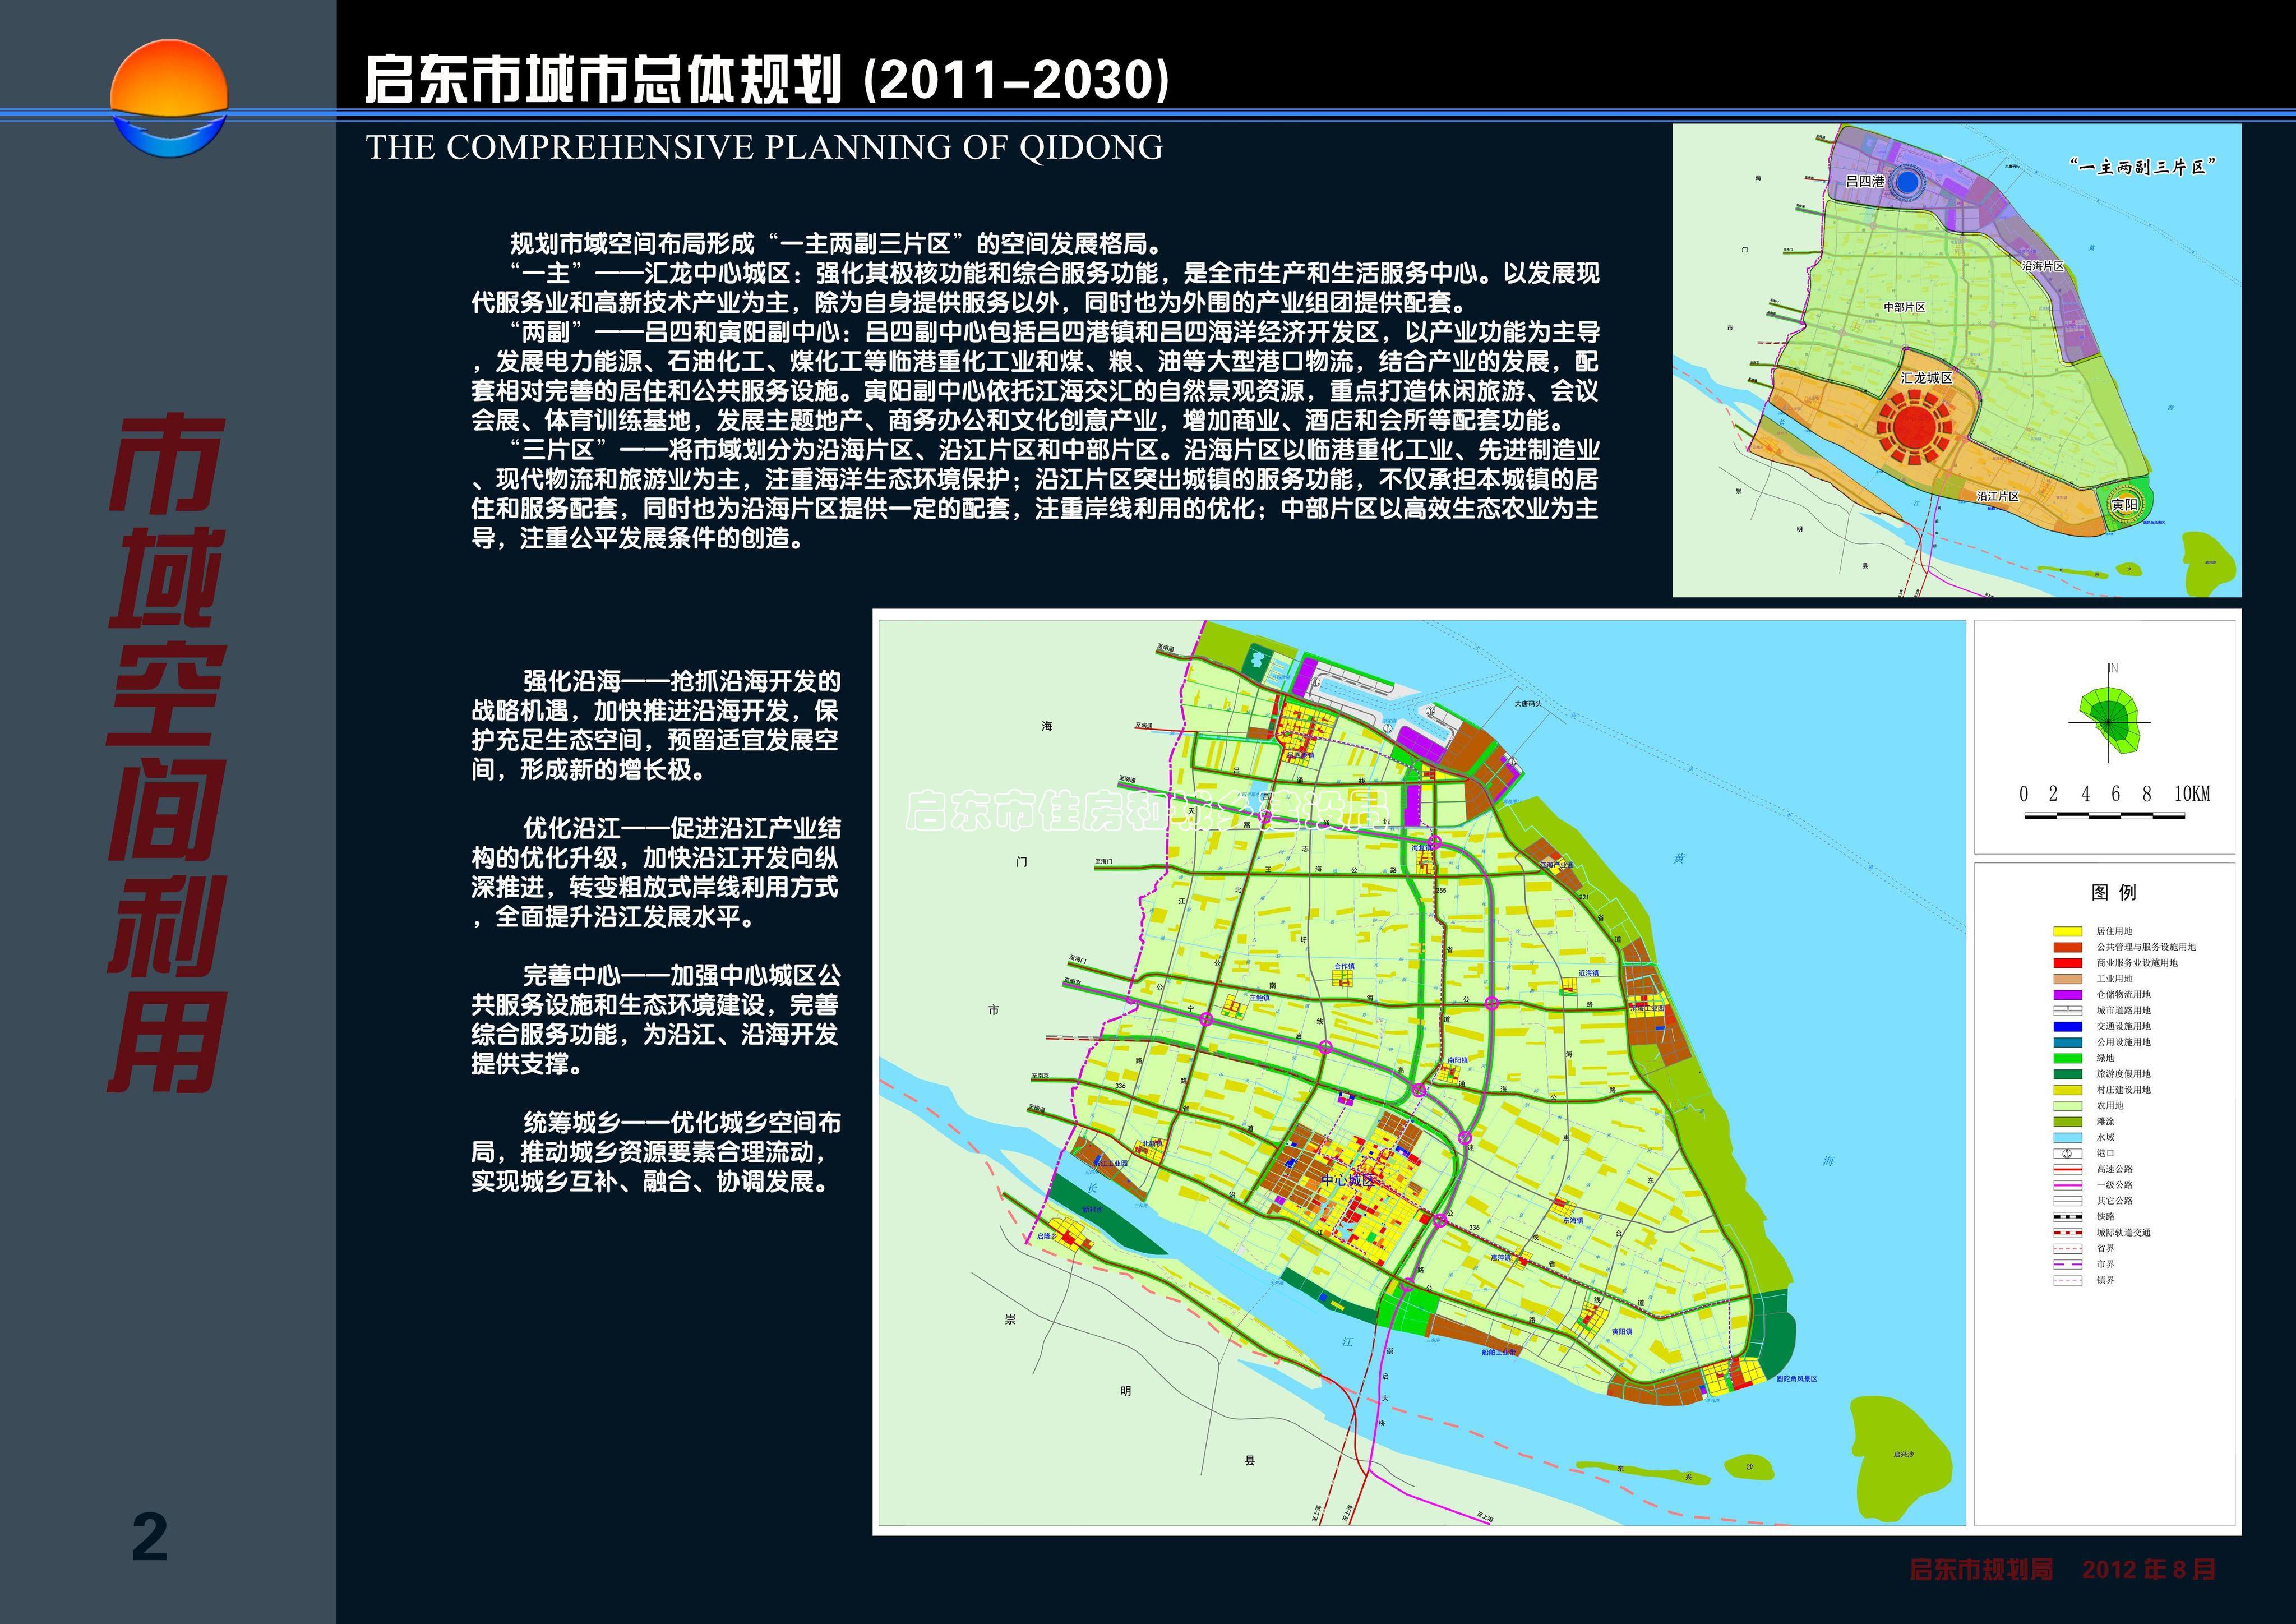 市域空间利用 求启东市新城区规划示意图 高清图片